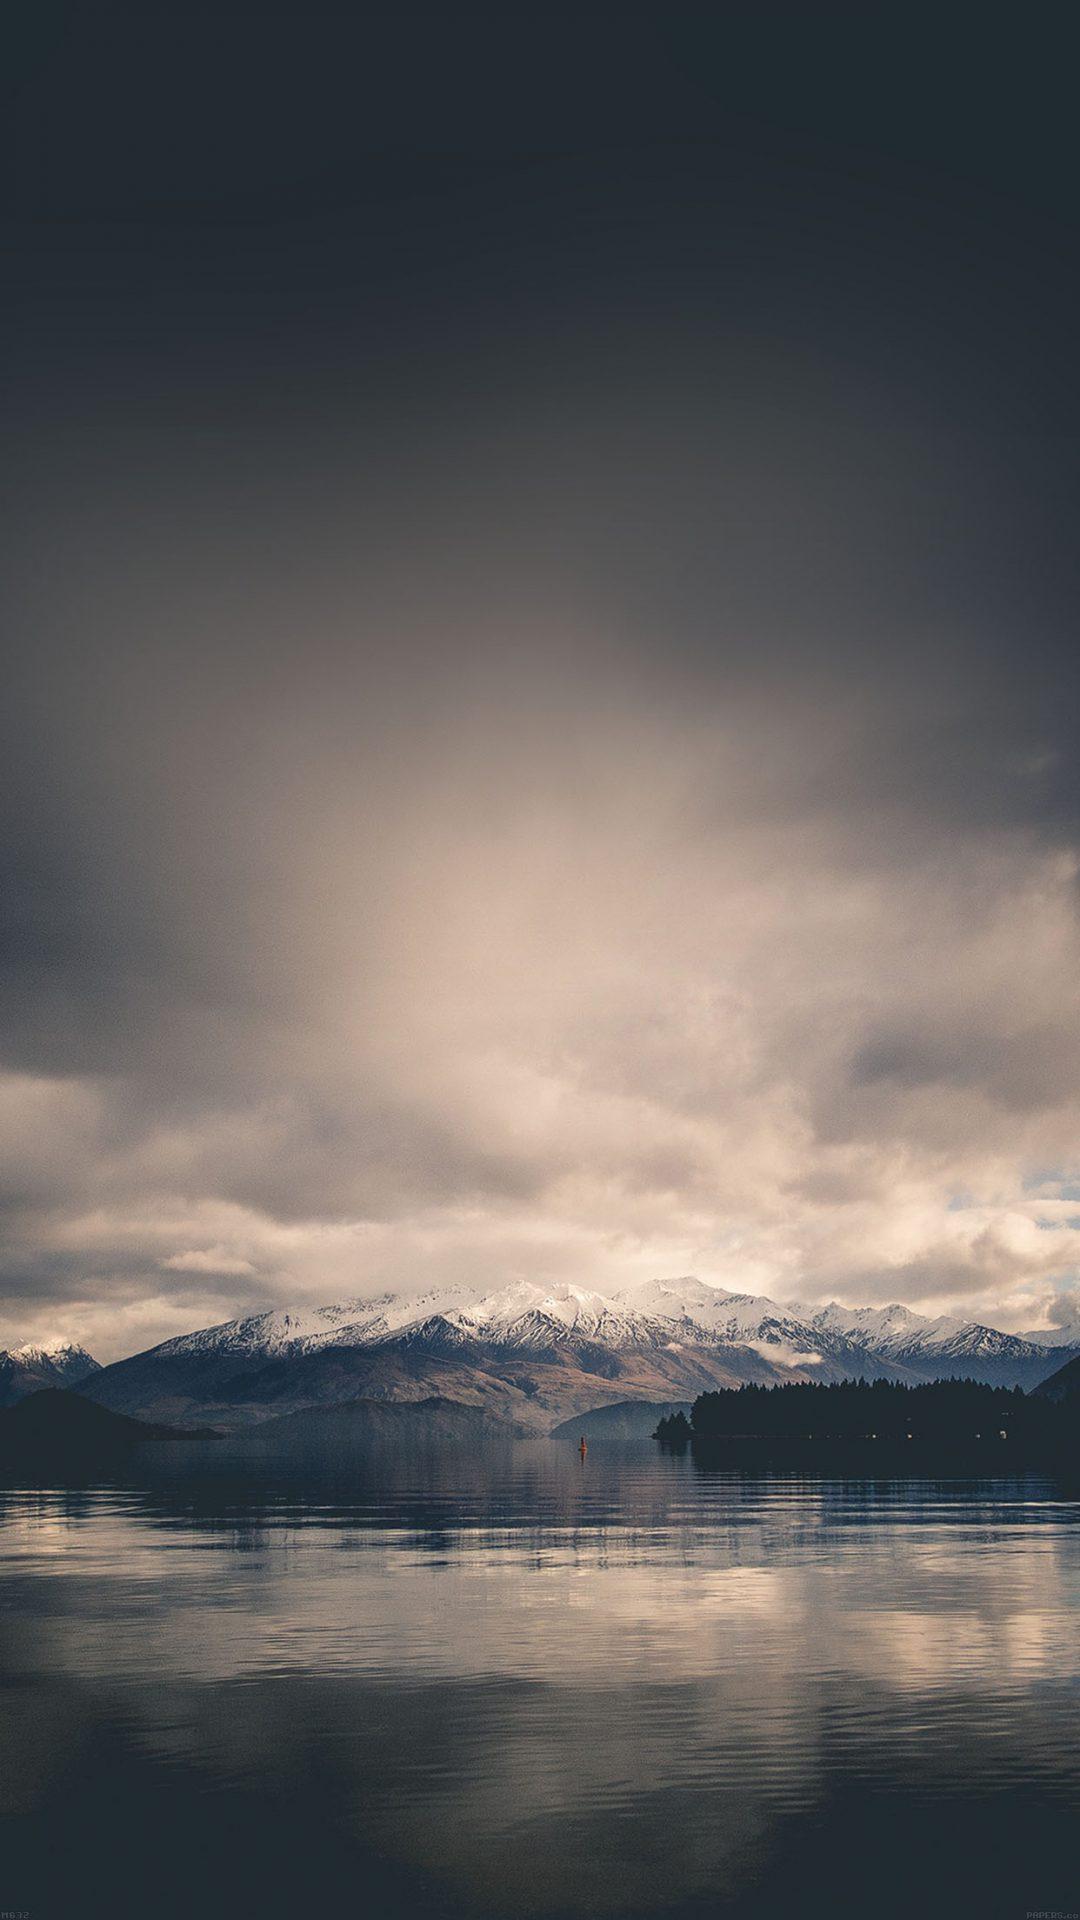 Lake Mountain And Sky Nature